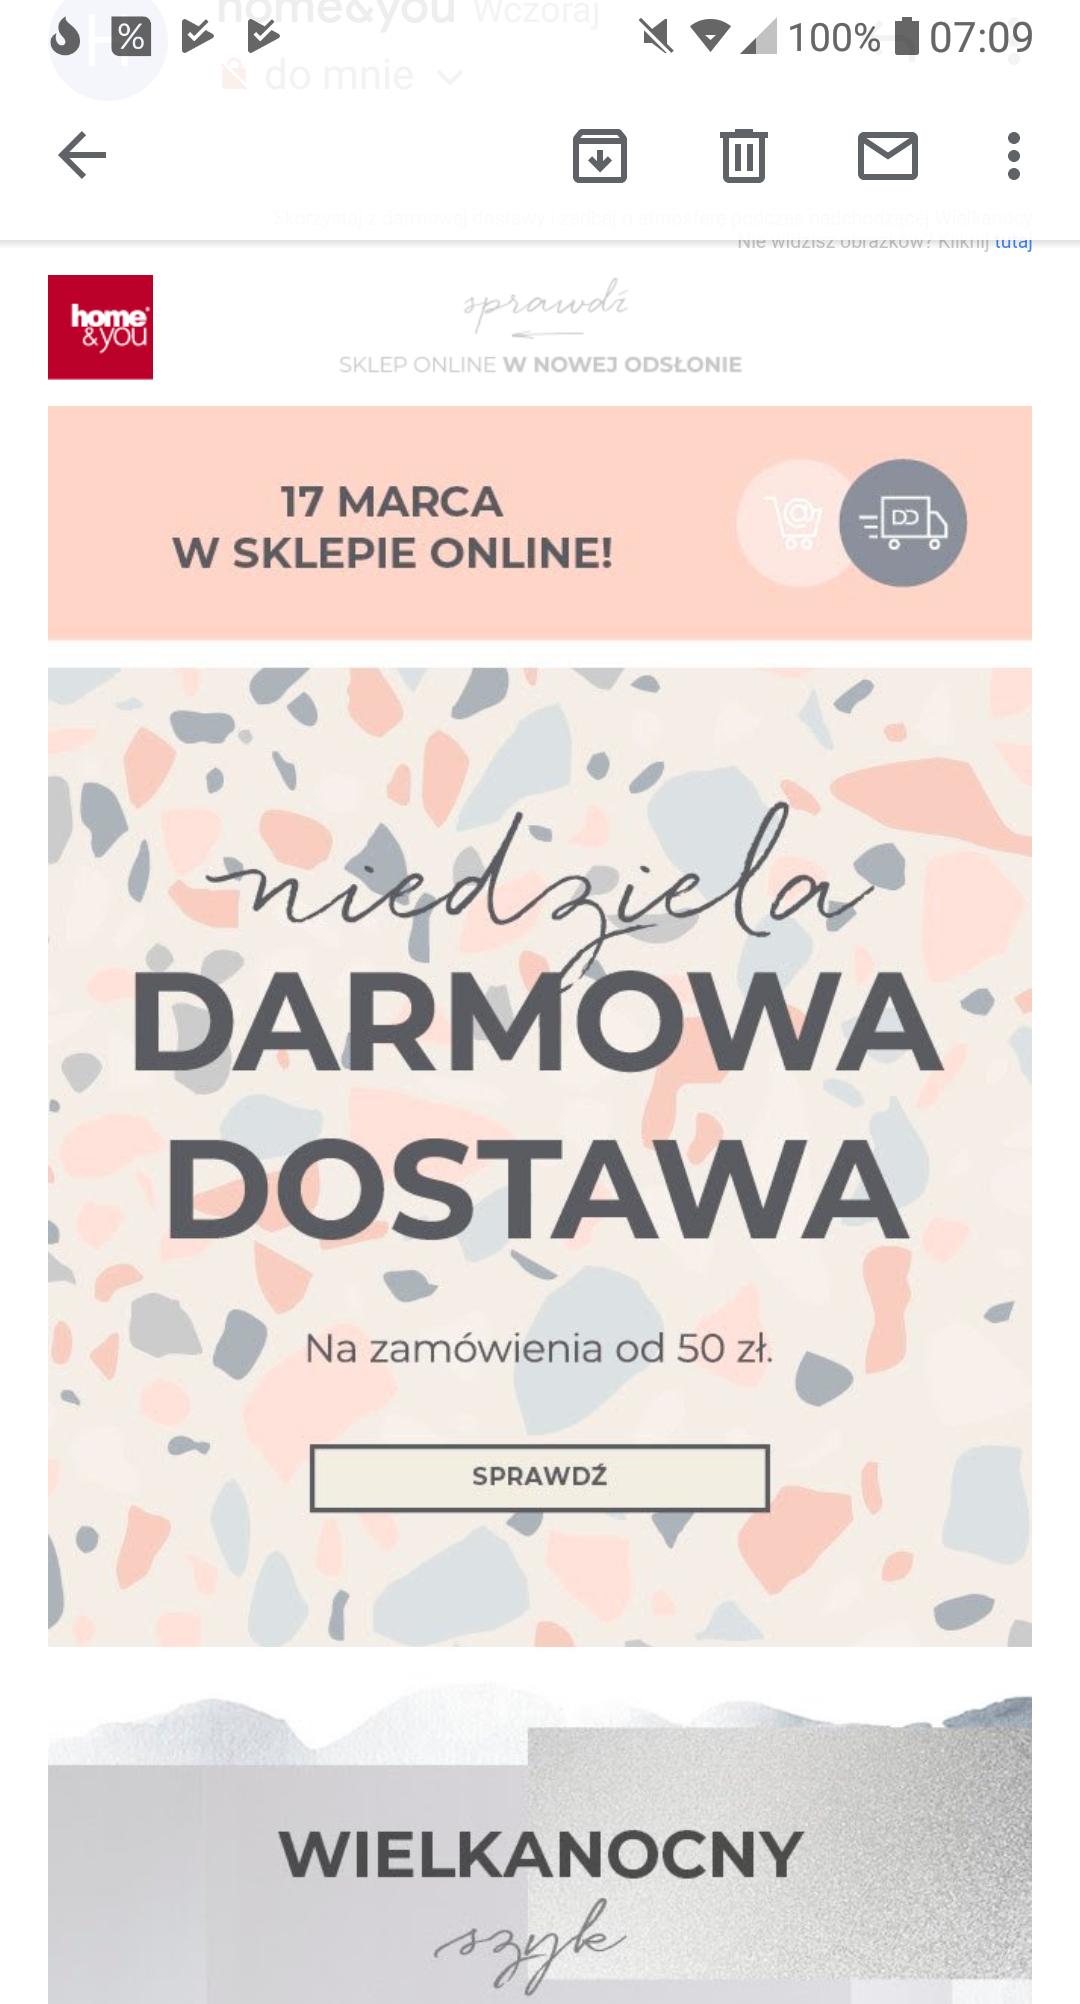 Darmowa dostawa w Home&You - MWZ 50PLN